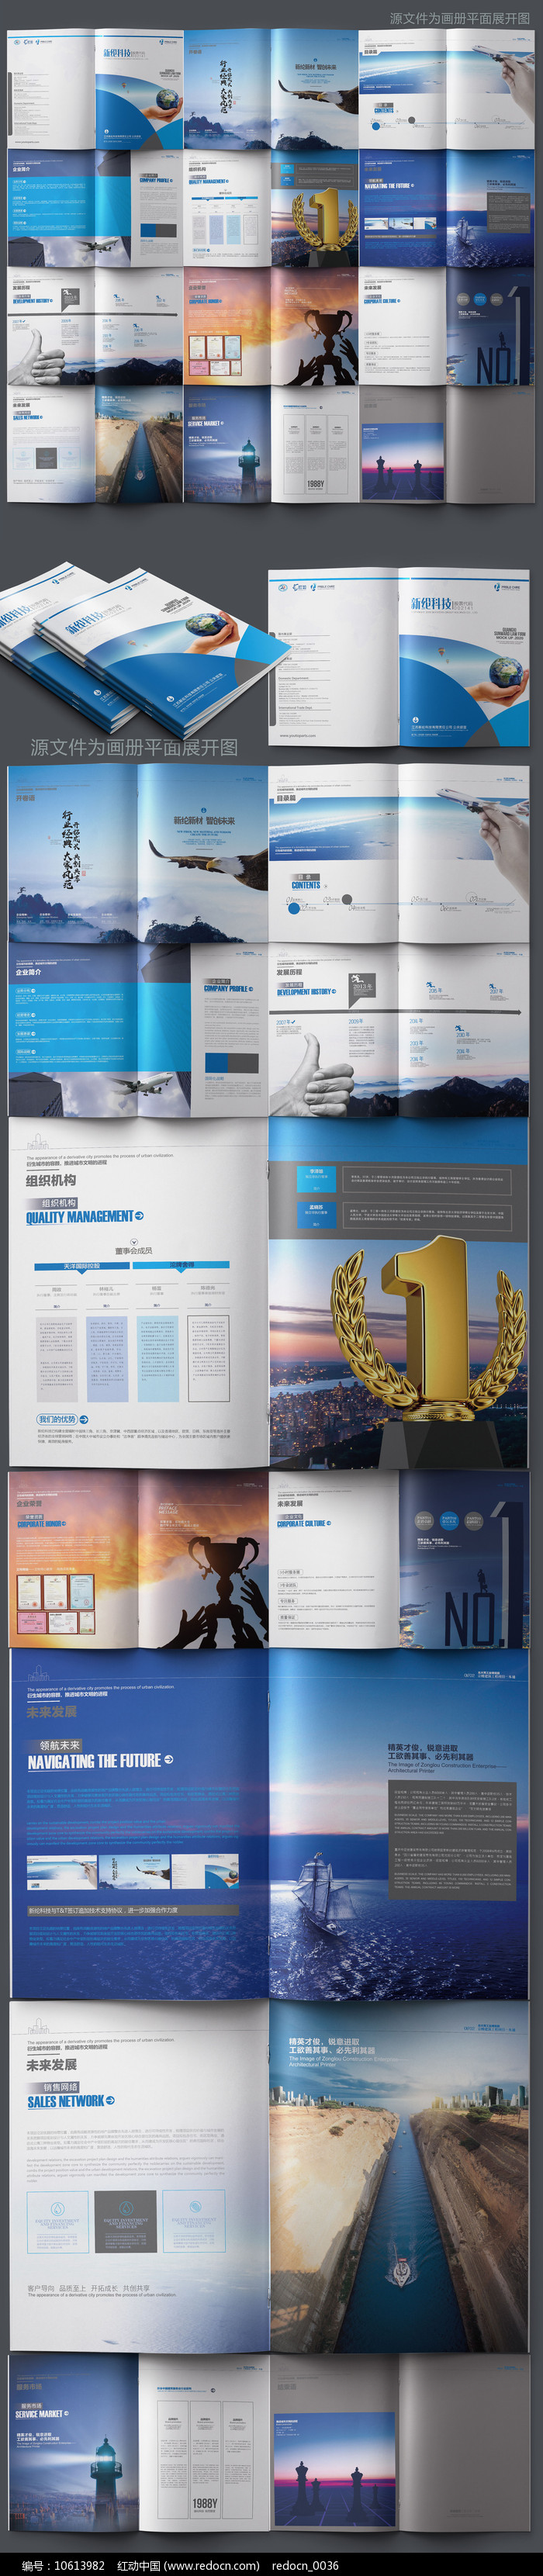 原创高端企业形象画册设计模板图片